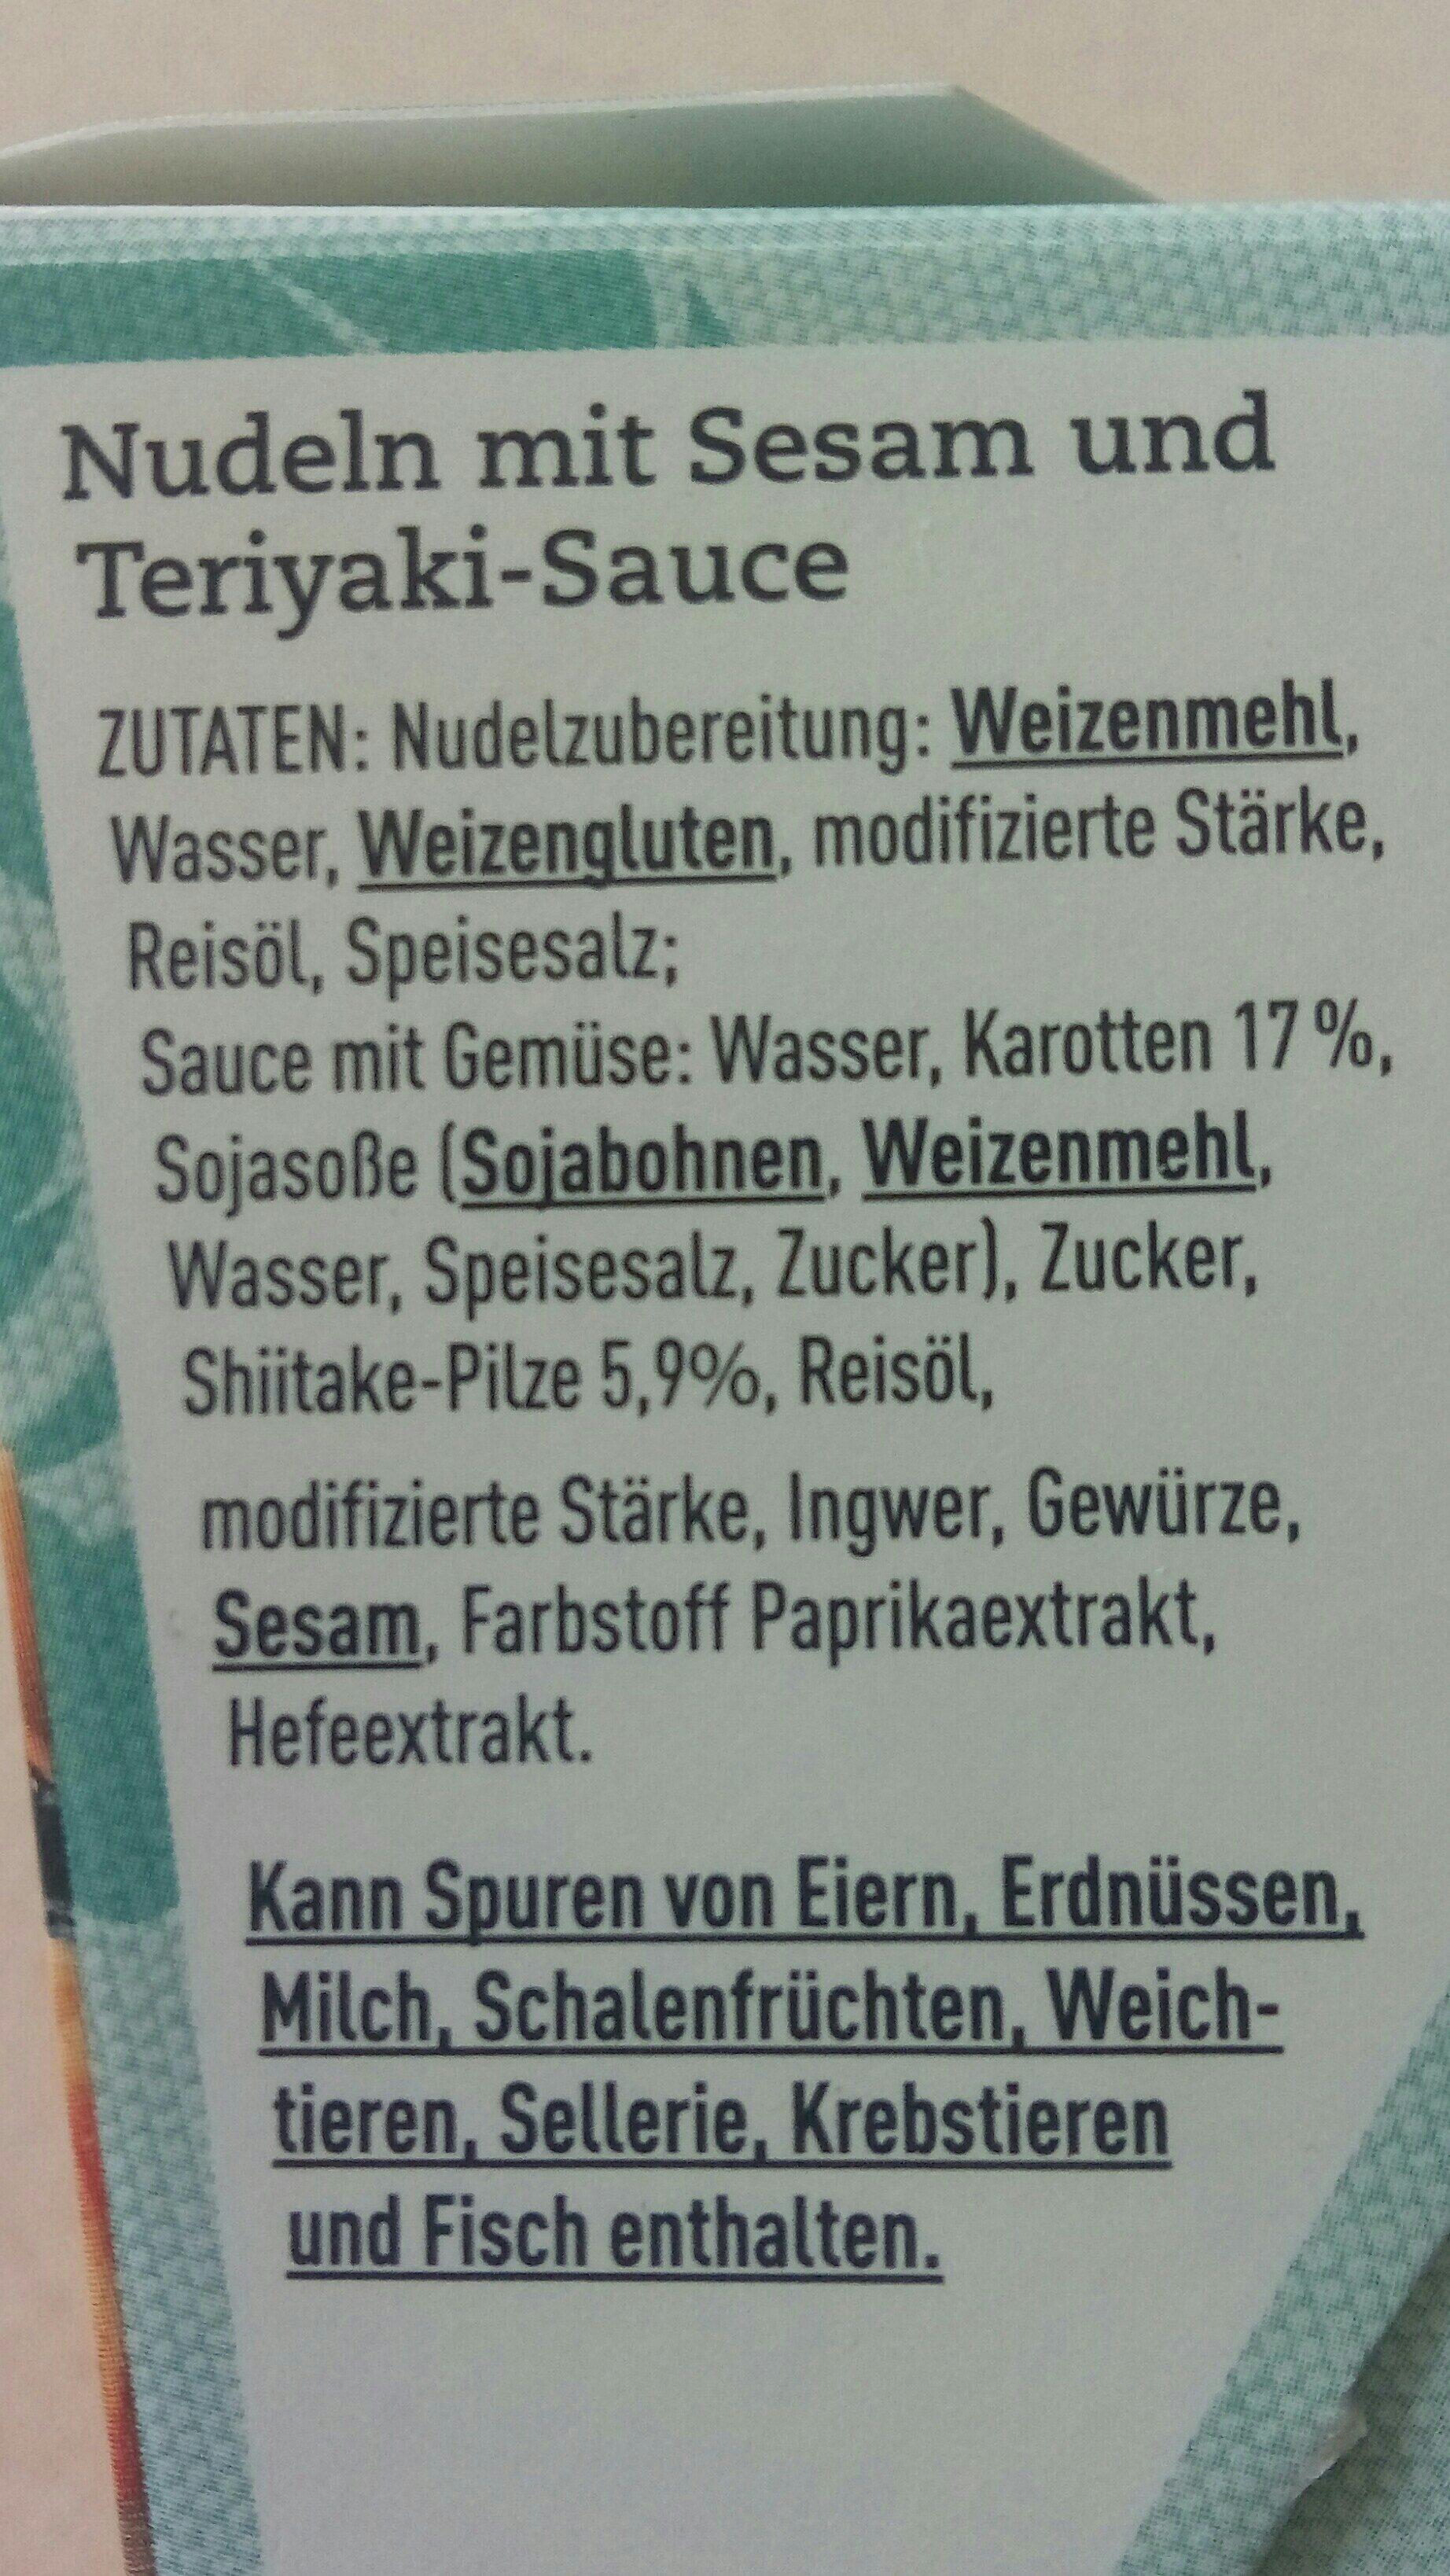 Nudeln mit Sesam und Teriyaki-Sauce - Ingrediënten - de